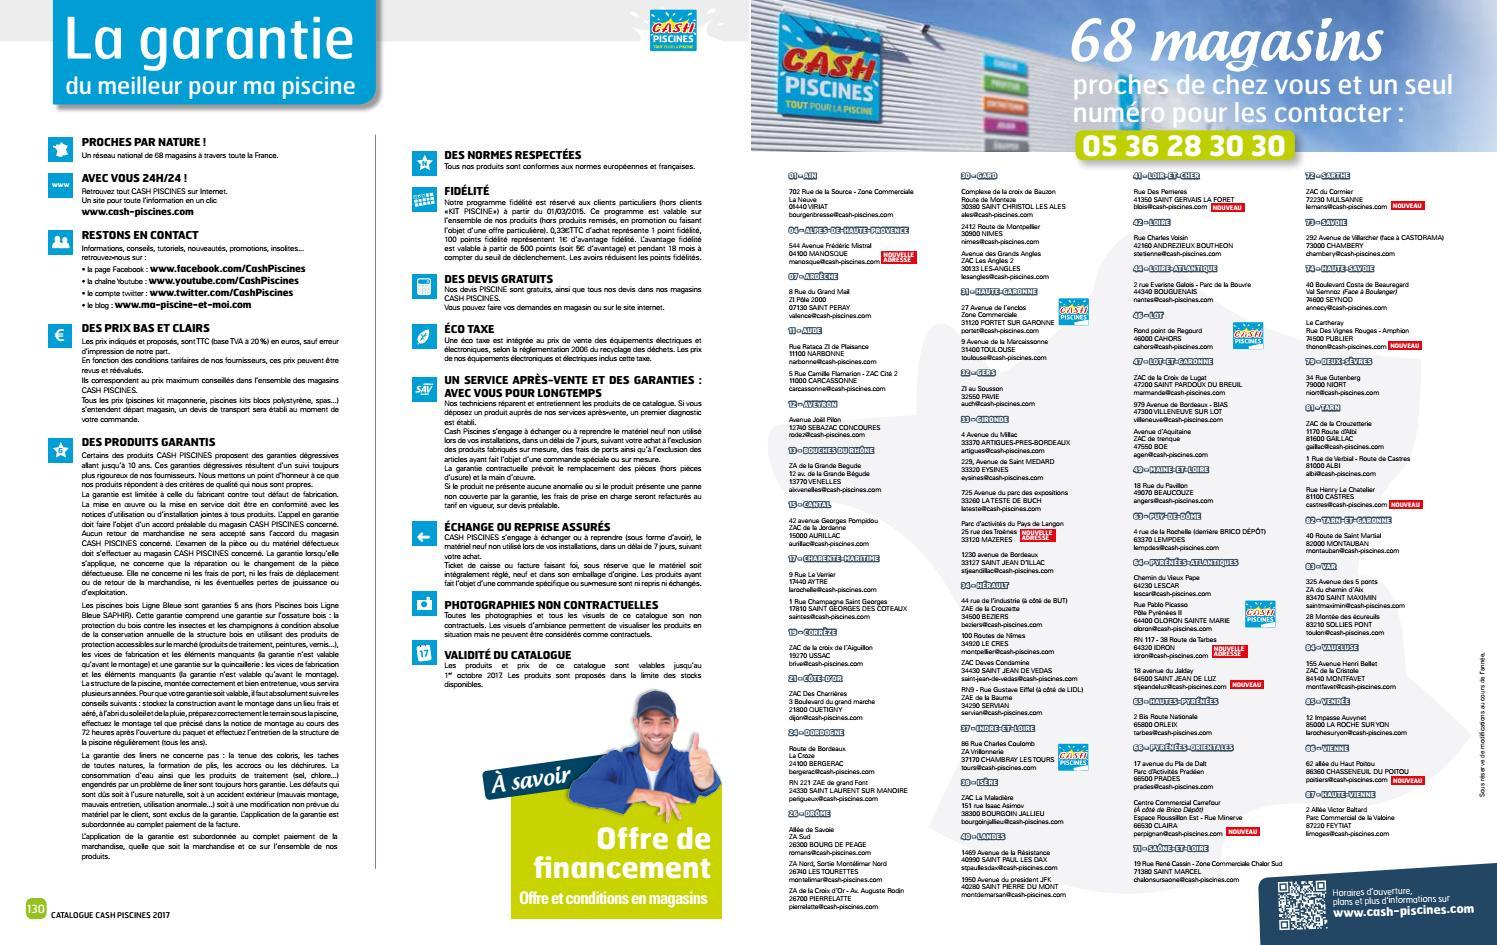 Catalogue Cash Piscine 2017 By Octave Octave - Issuu serapportantà Cash Piscine Tours